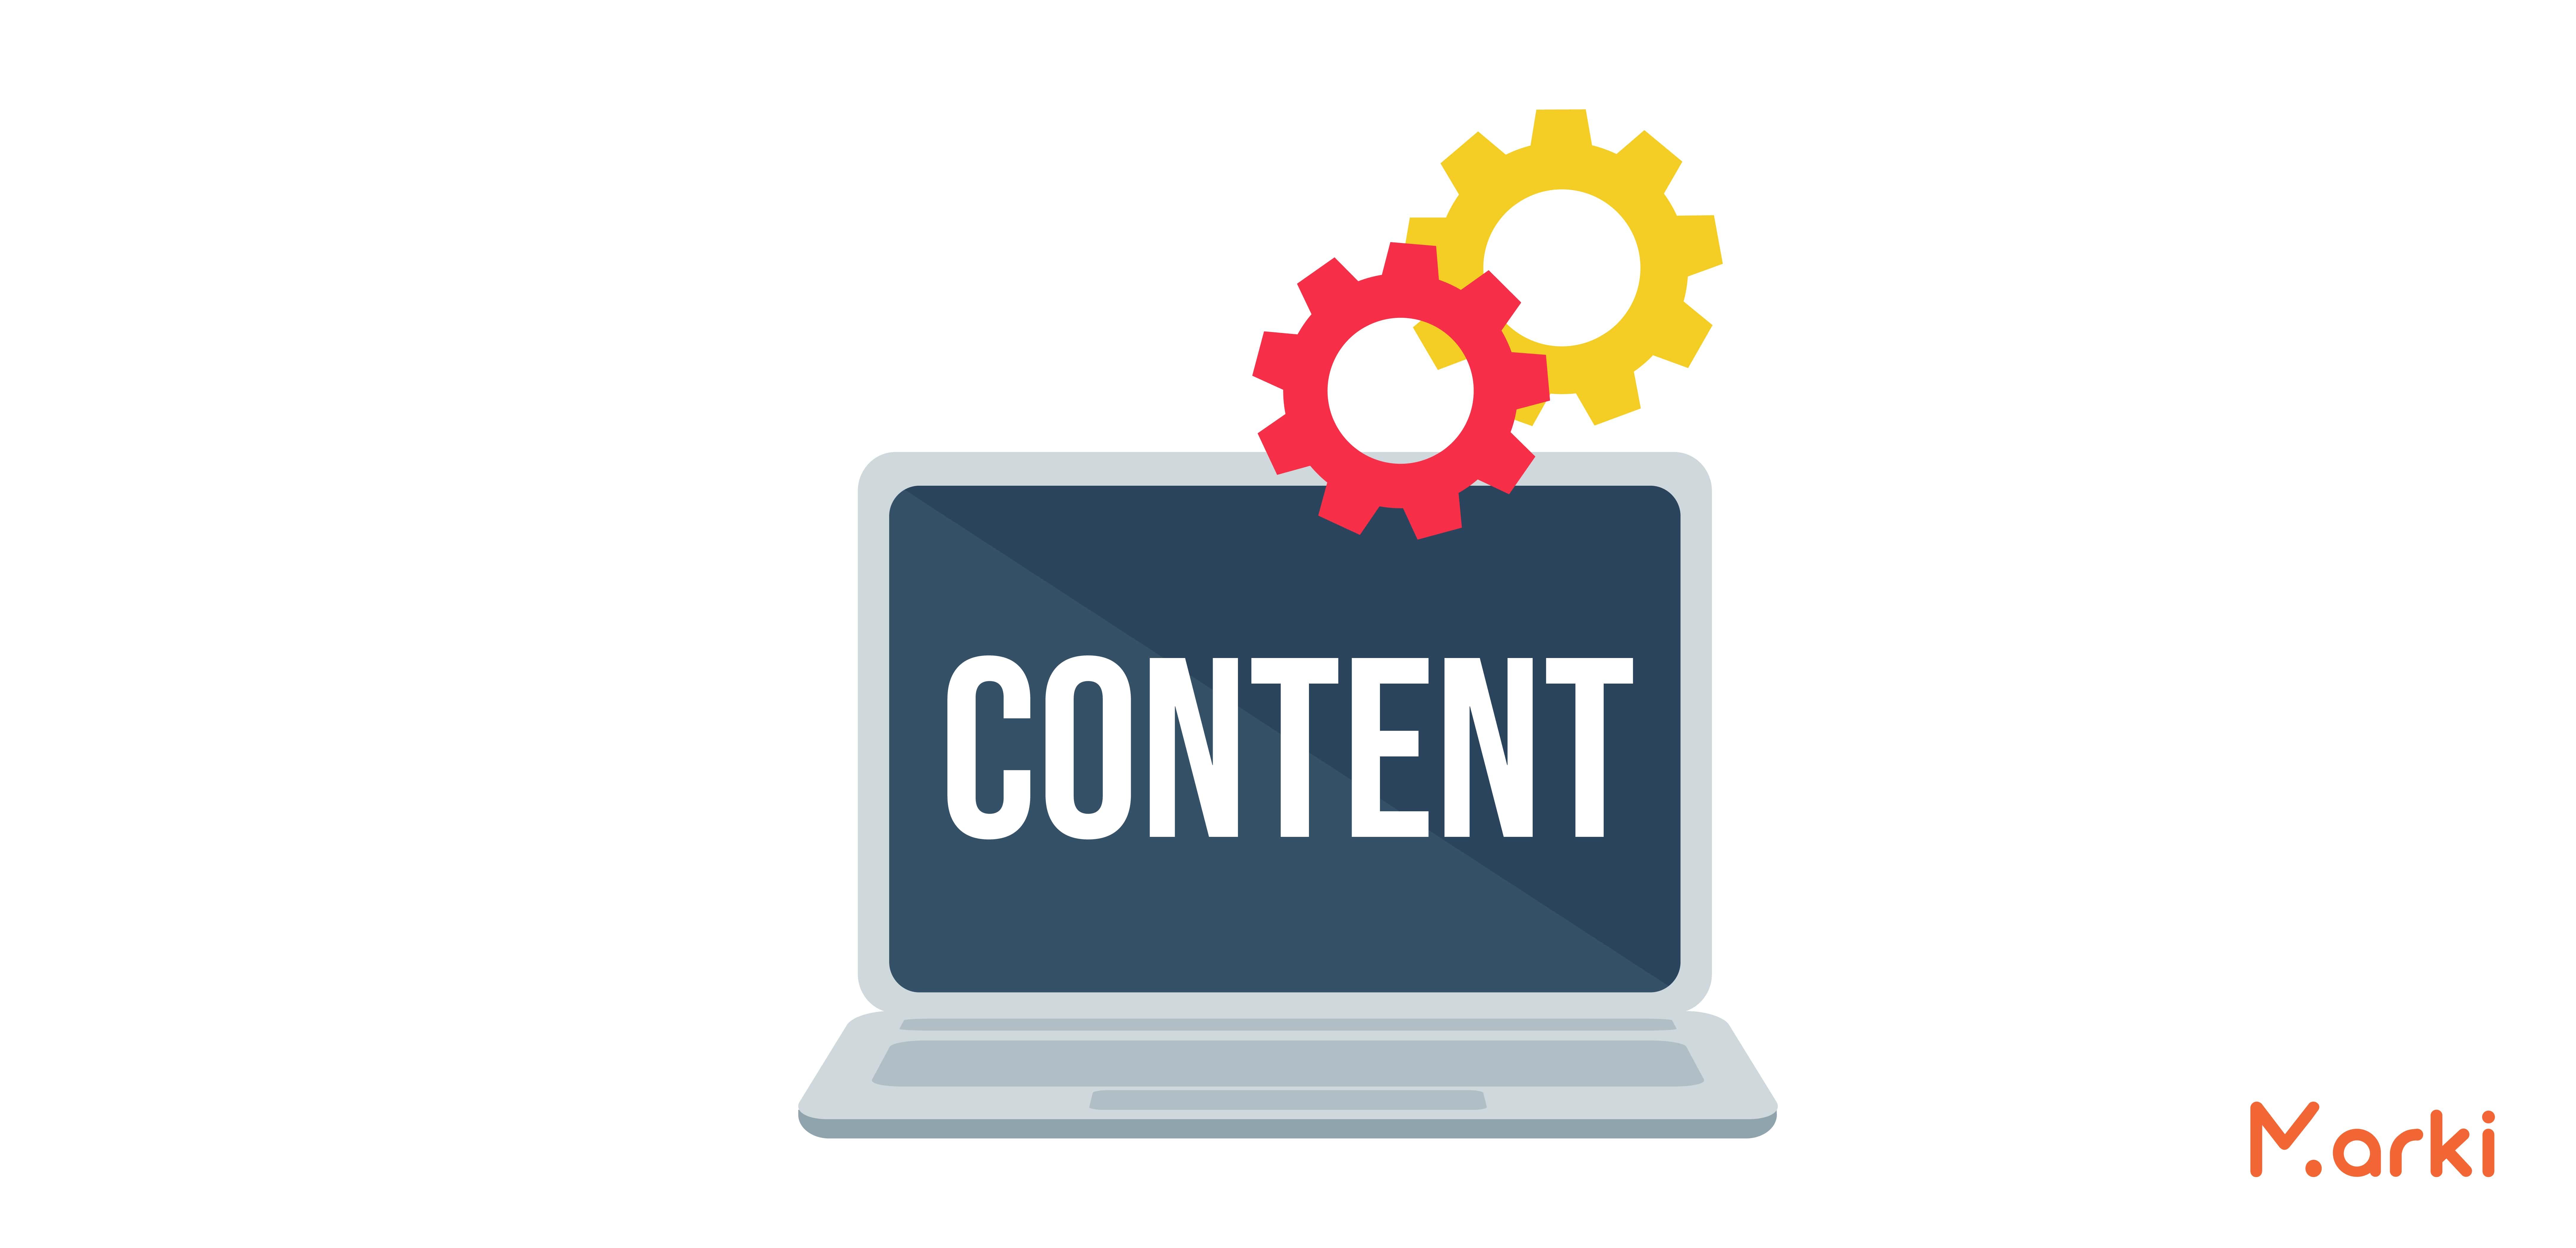 contenido de valor voluntariado peru voluntariado online capacitacion de marketing digital voluntariado marki